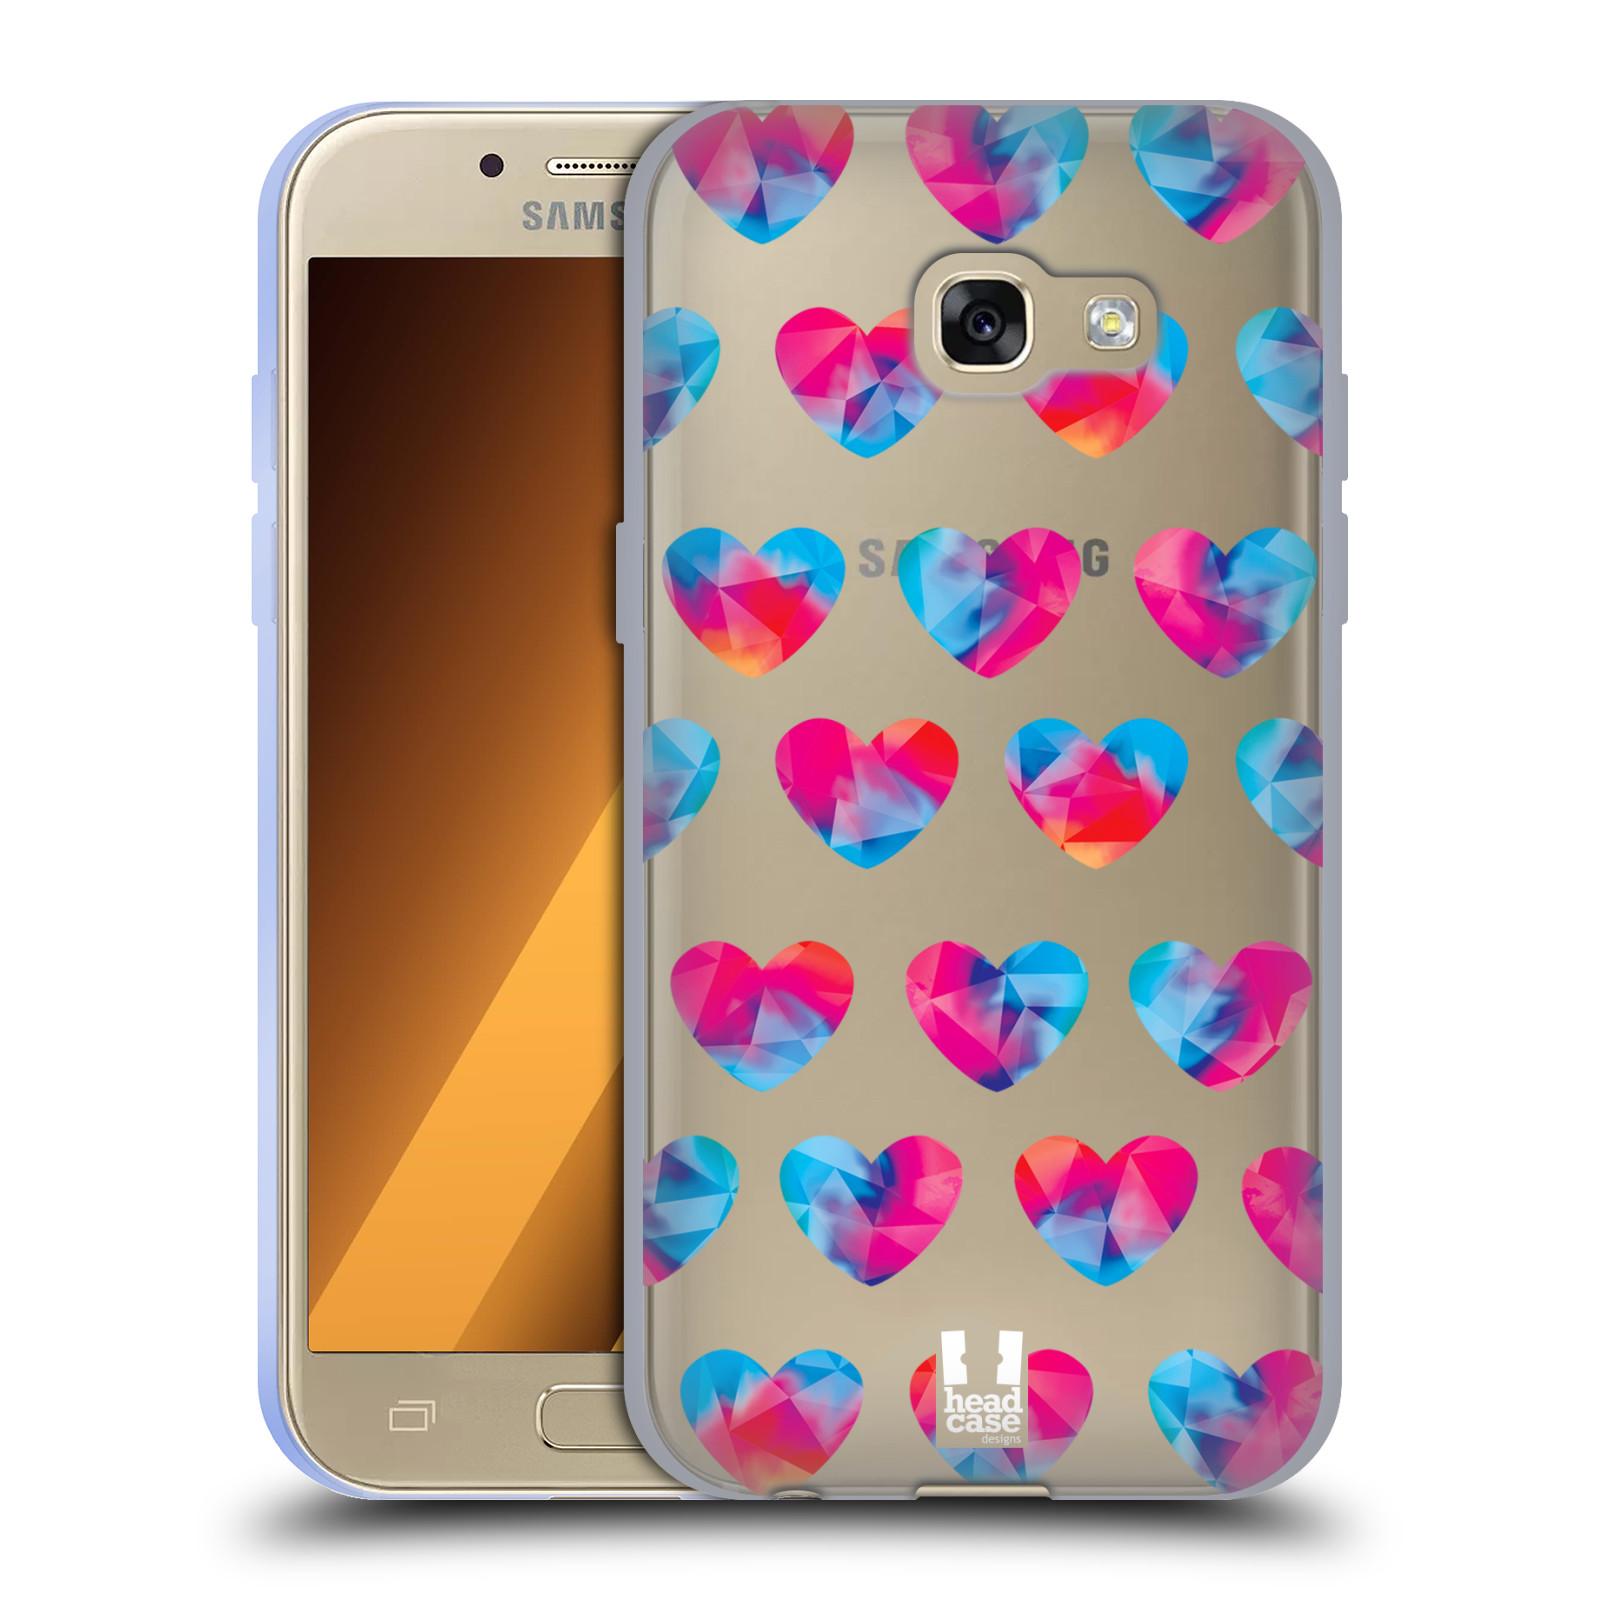 Silikonové pouzdro na mobil Samsung Galaxy A3 (2017) - Head Case - Srdíčka hrající barvami